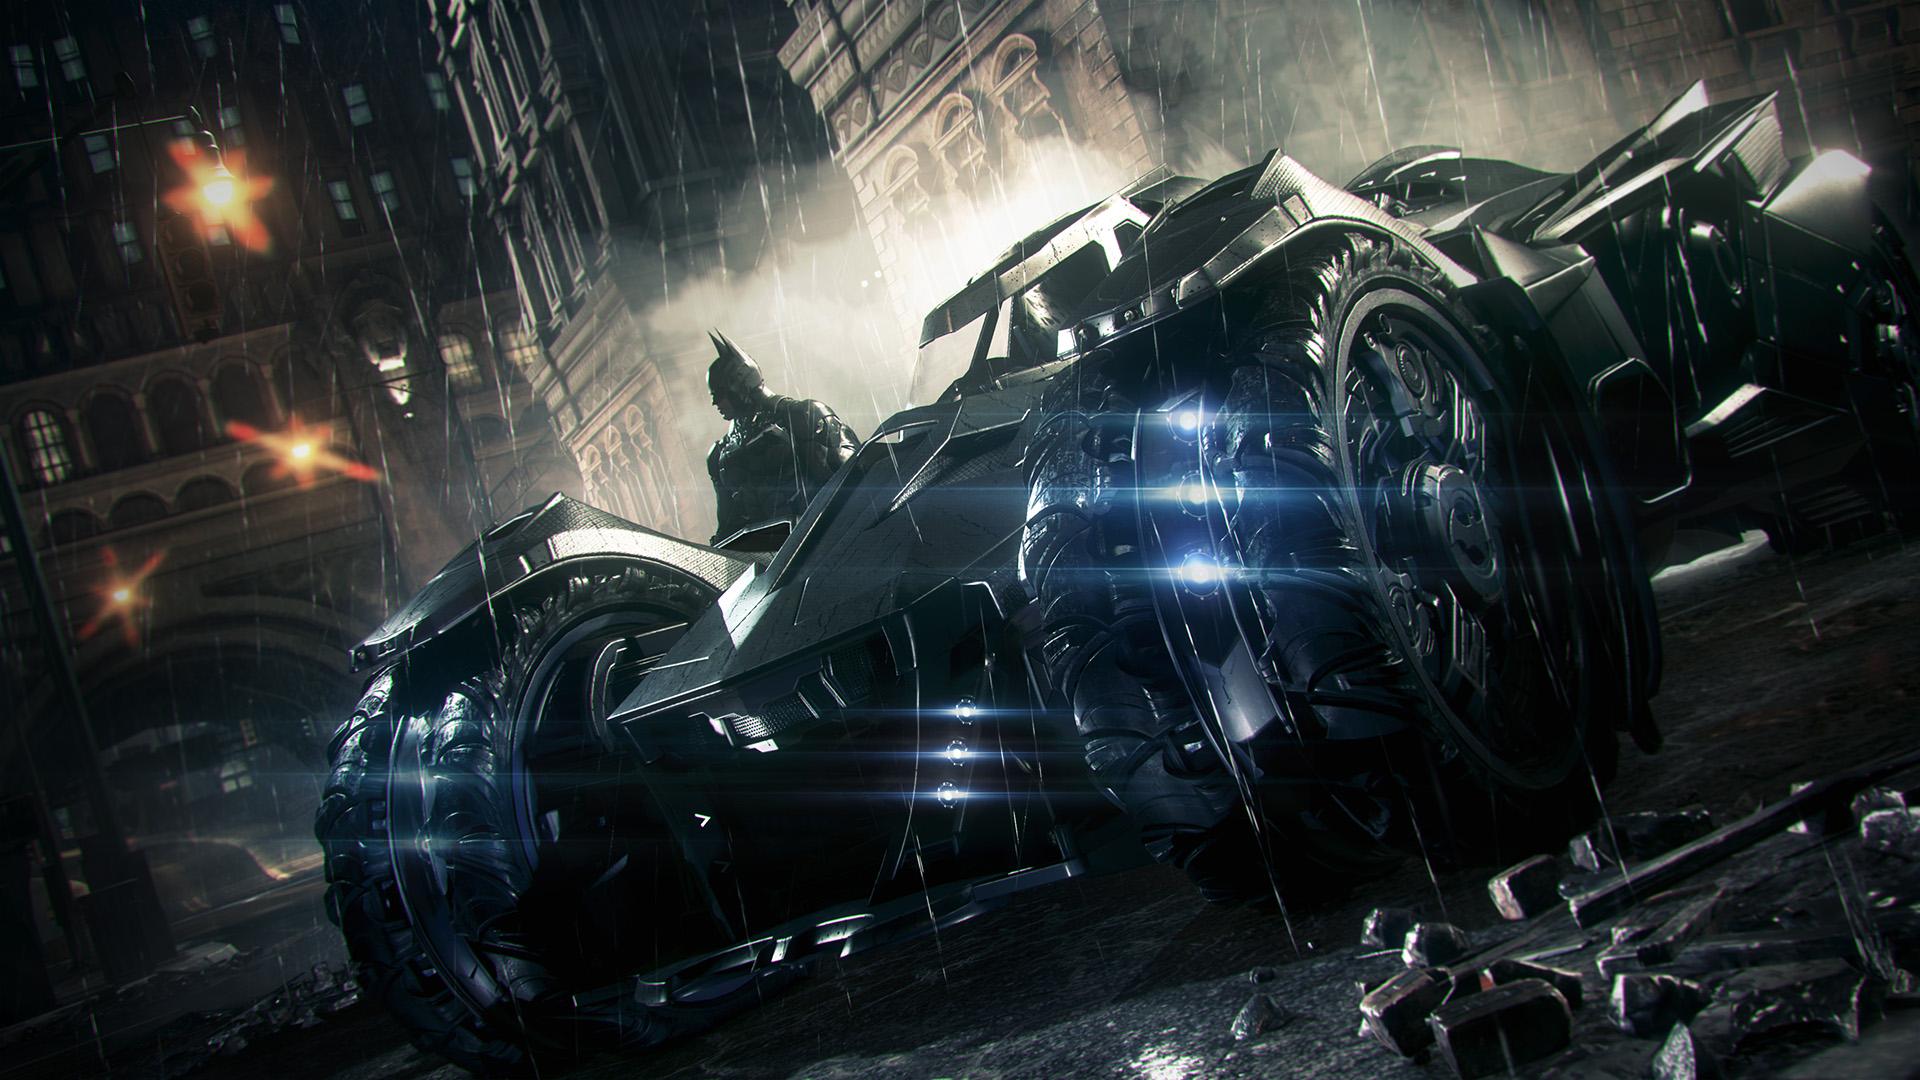 Batman: Arkham Knight Backgrounds, Compatible - PC, Mobile, Gadgets| 1920x1080 px